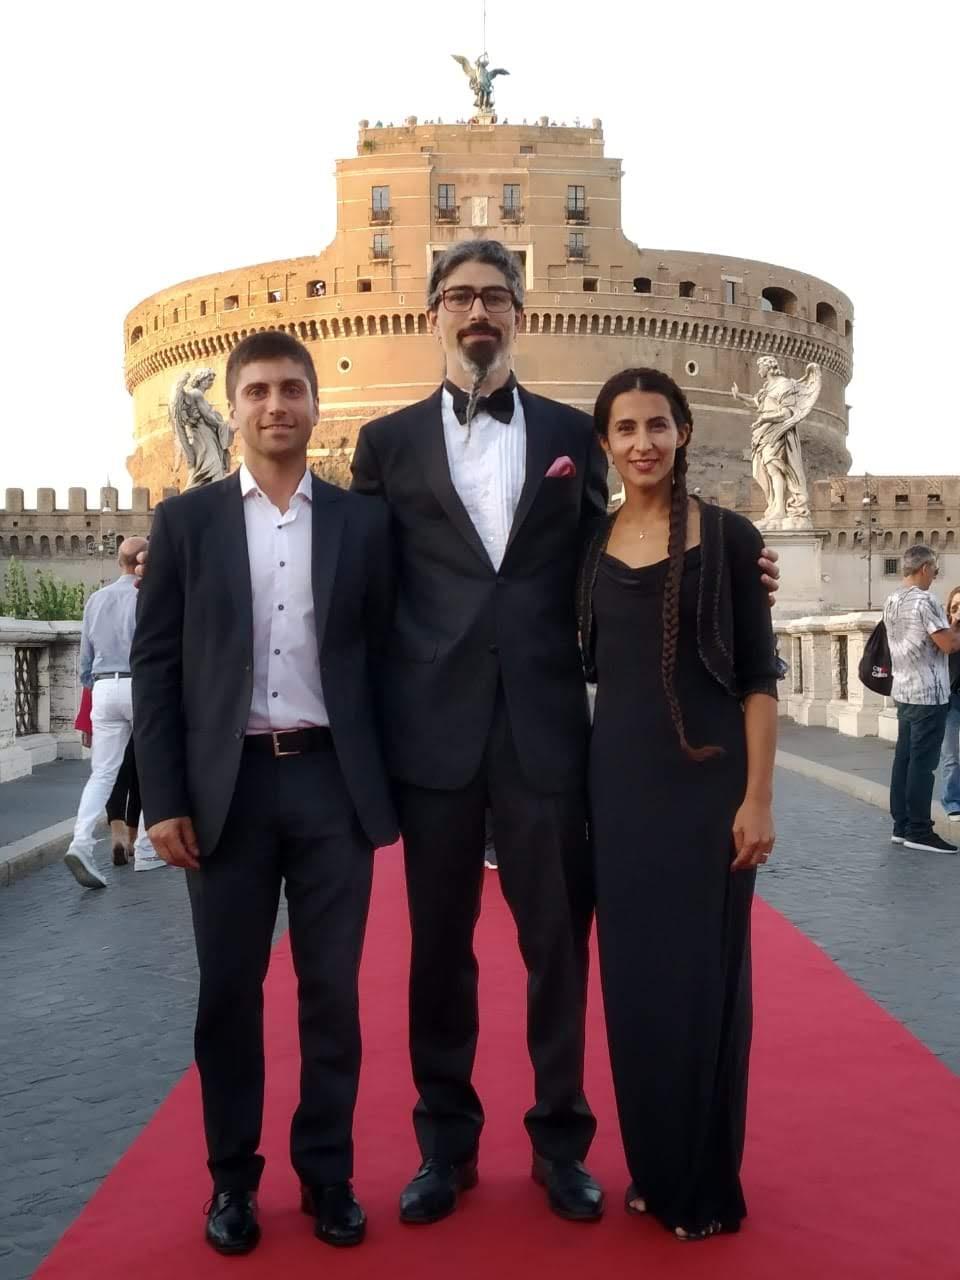 Dové la bussola? in Roma